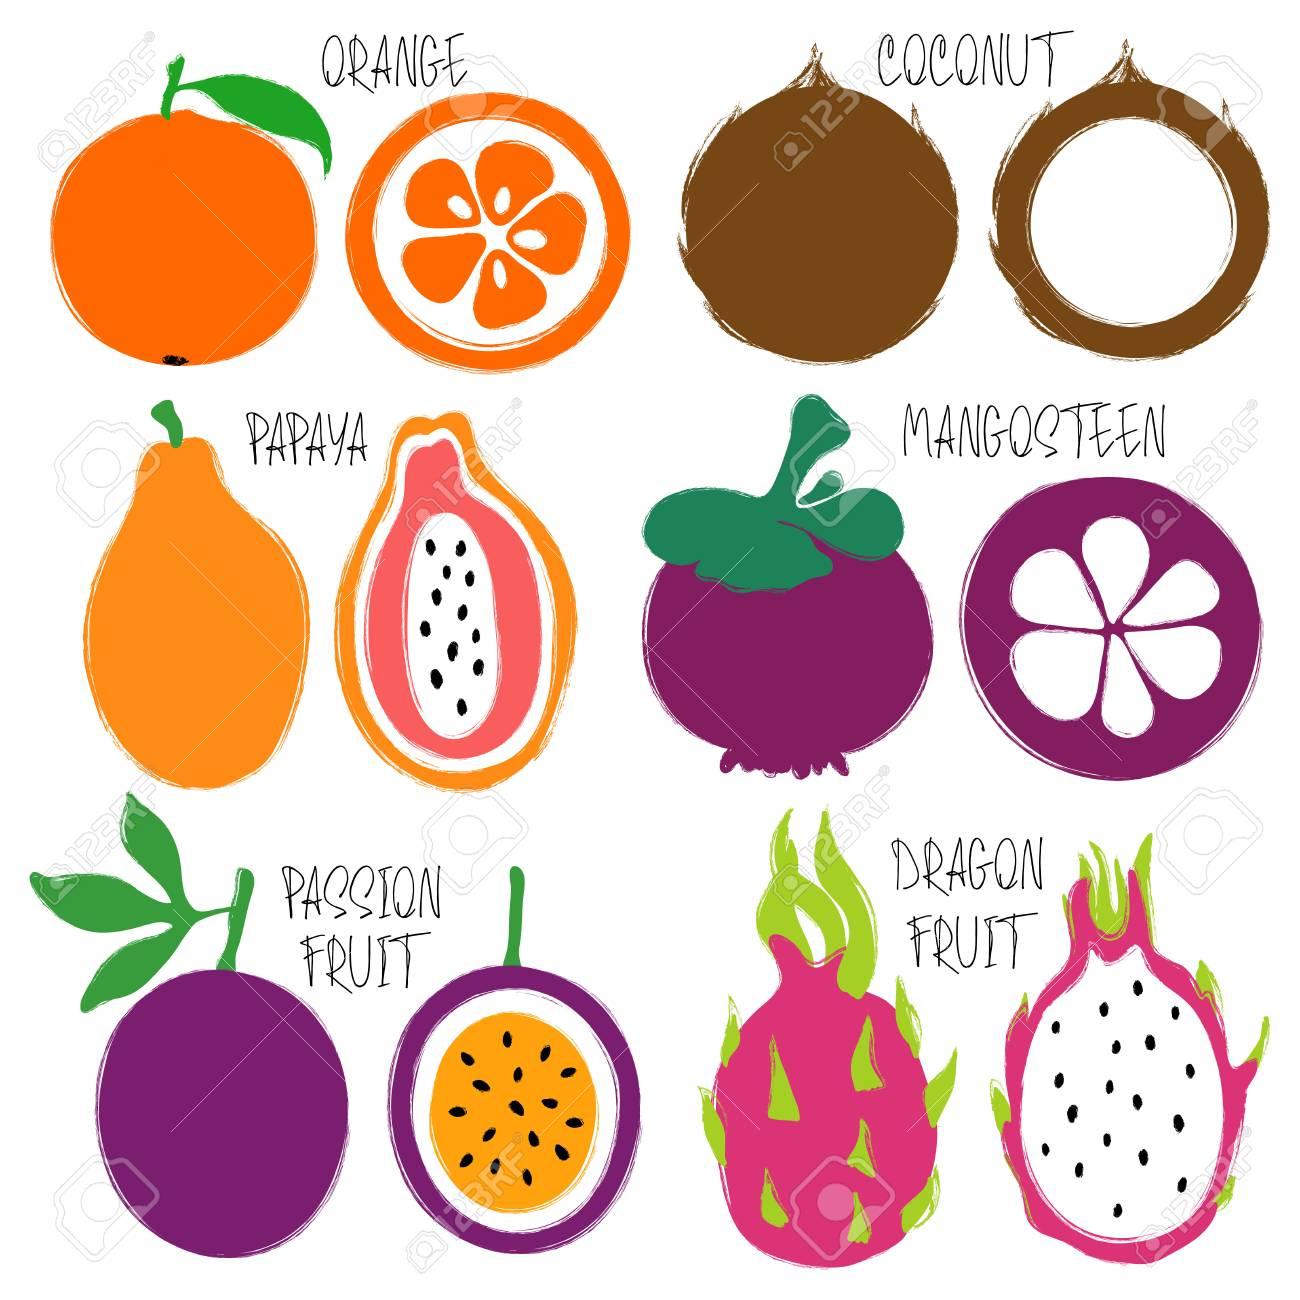 Fruta es el coco citrica una